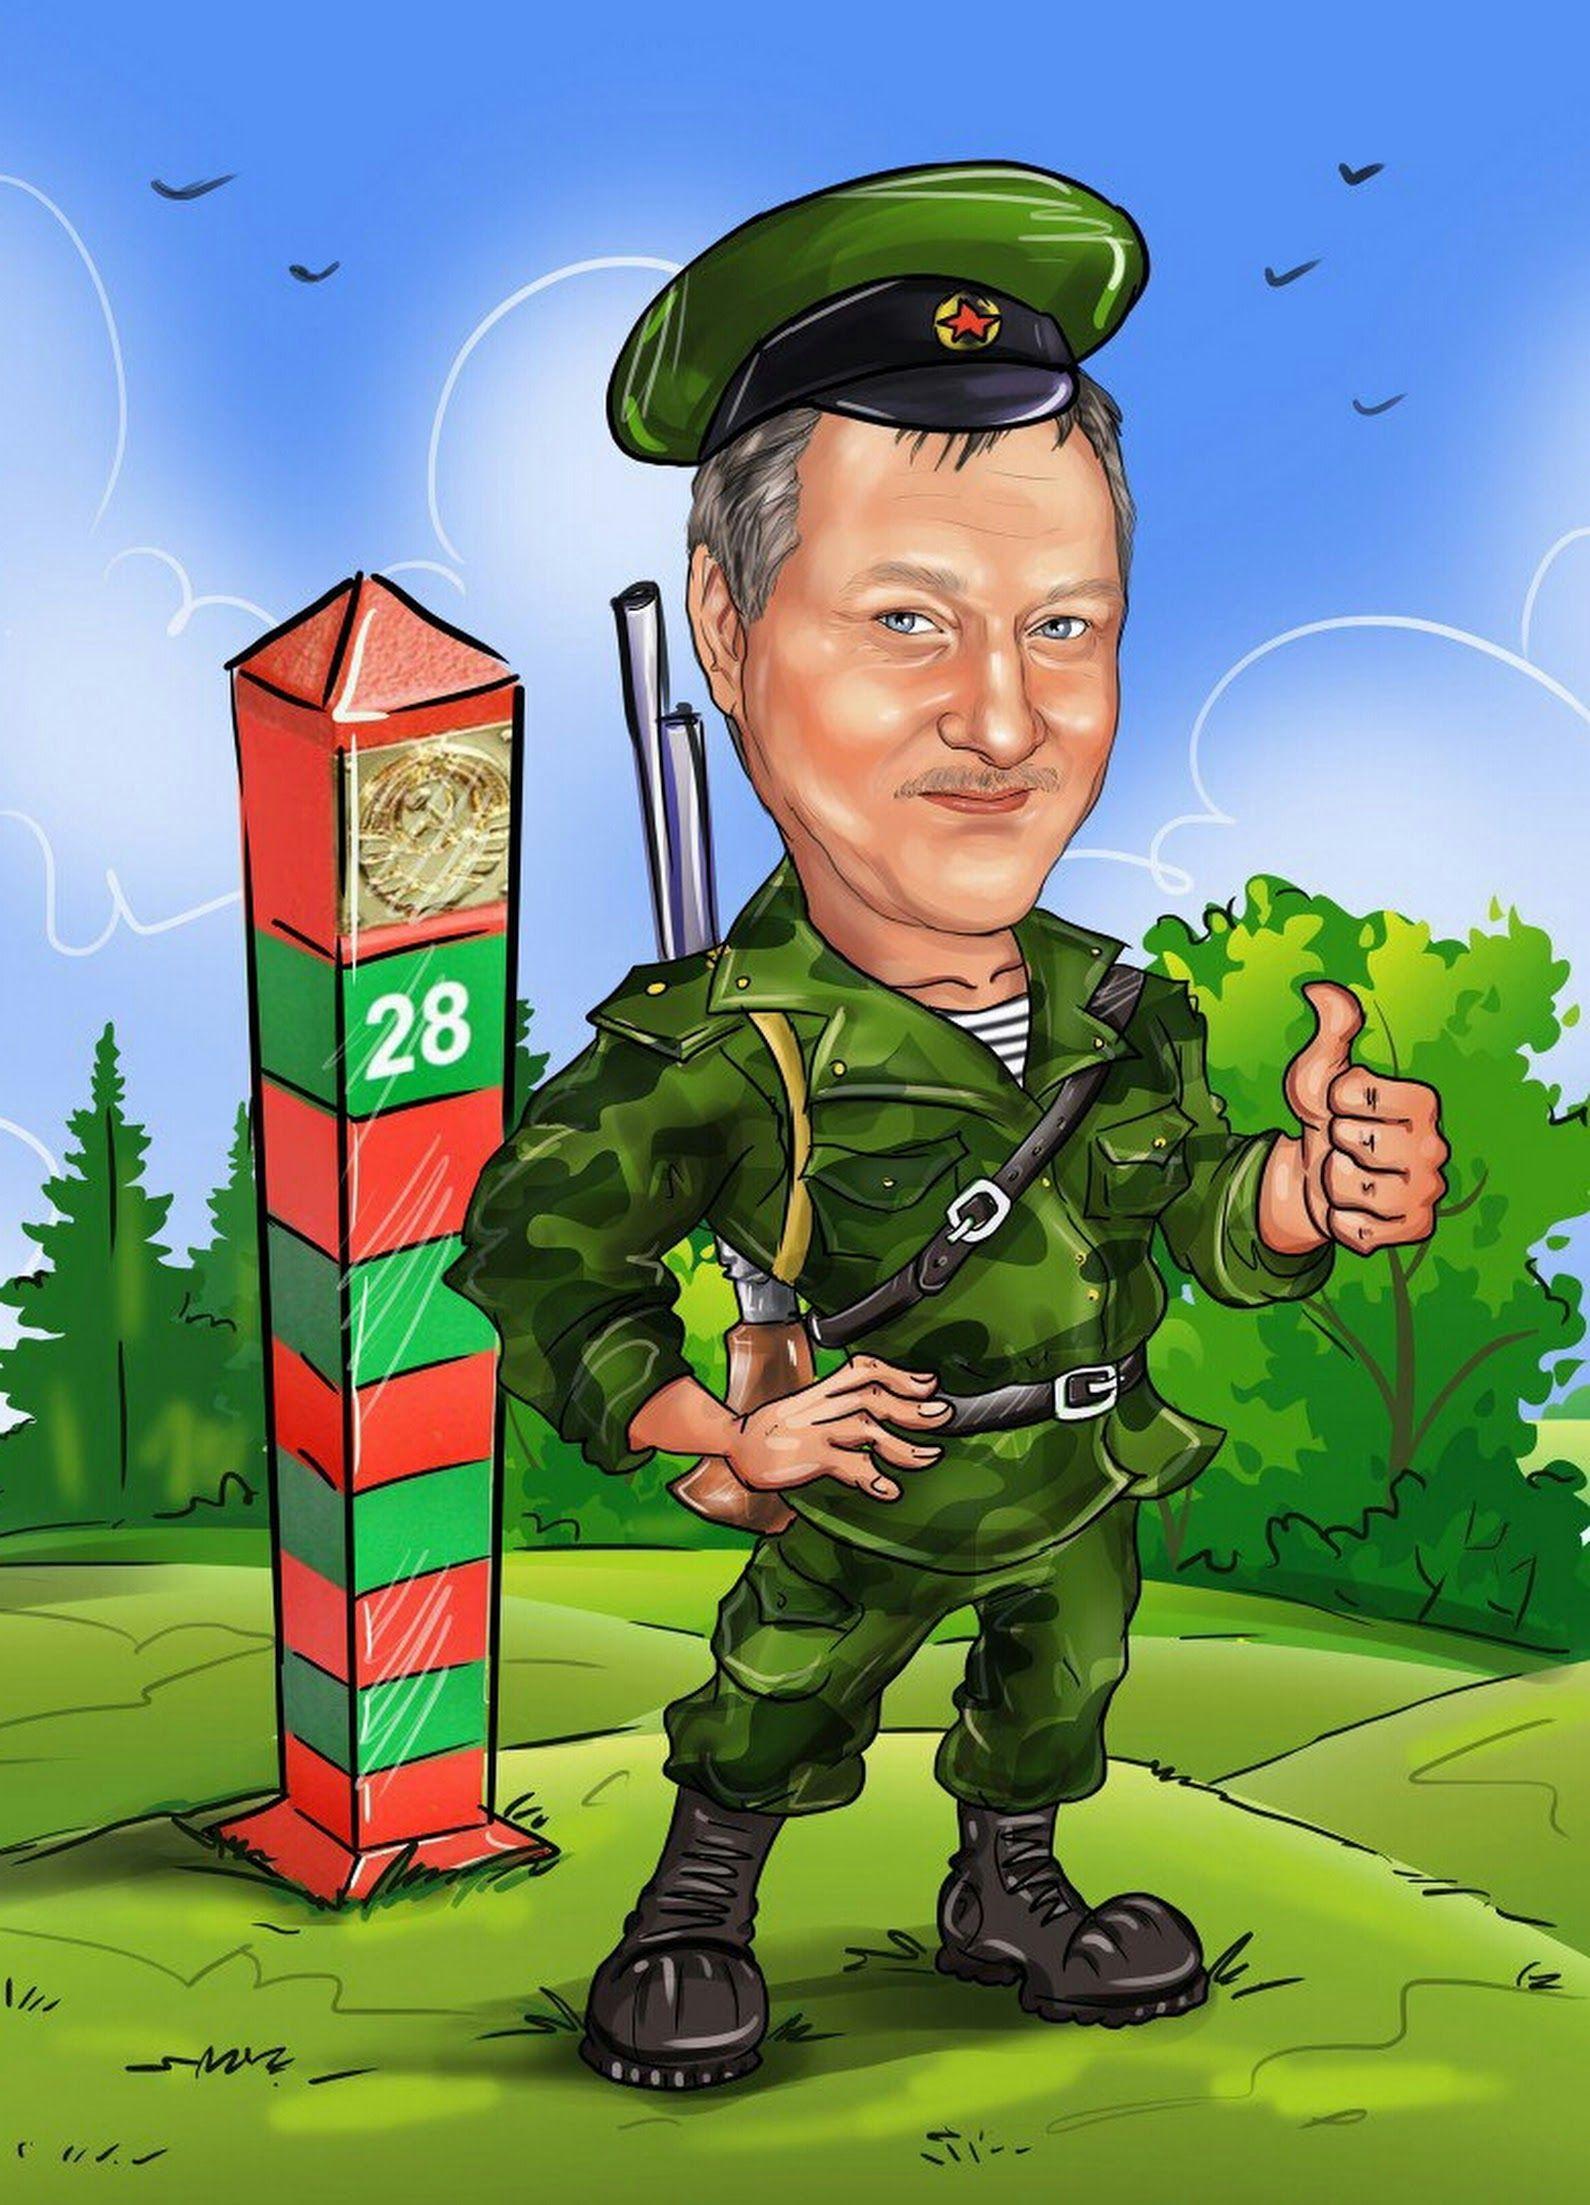 Смешные картинки танков карикатуры шаржи, анимация